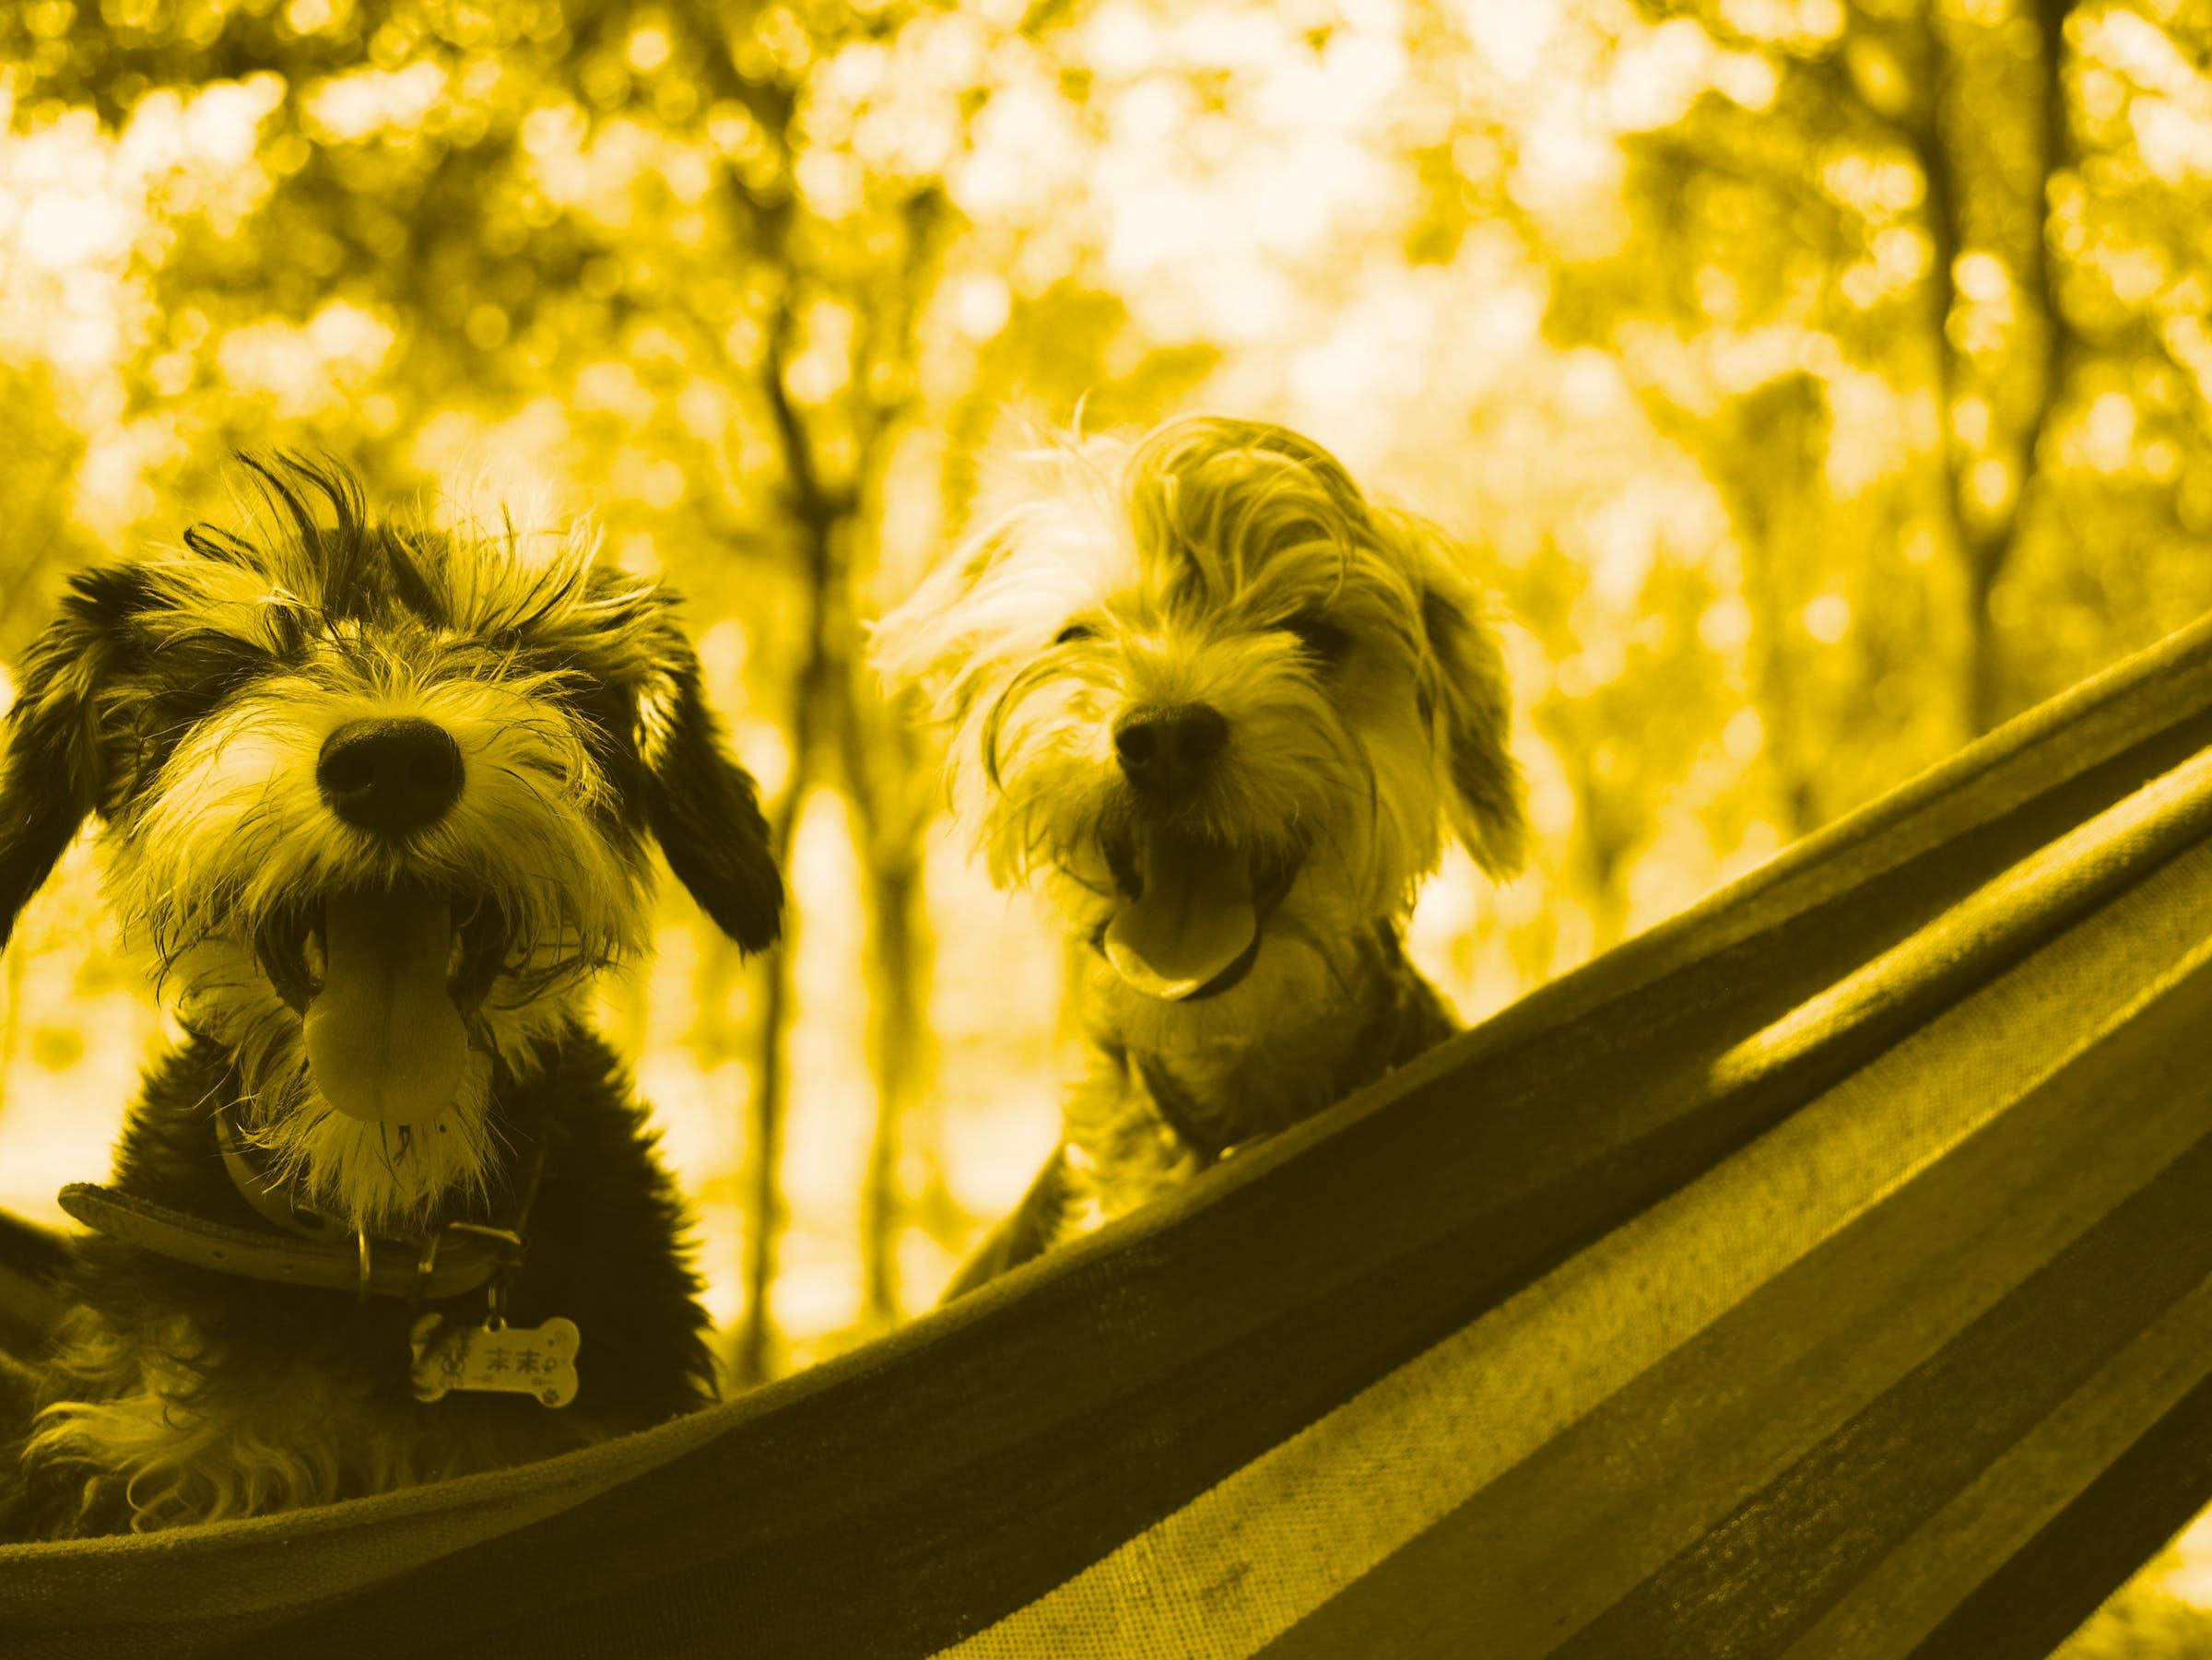 dogs in a hammock :)